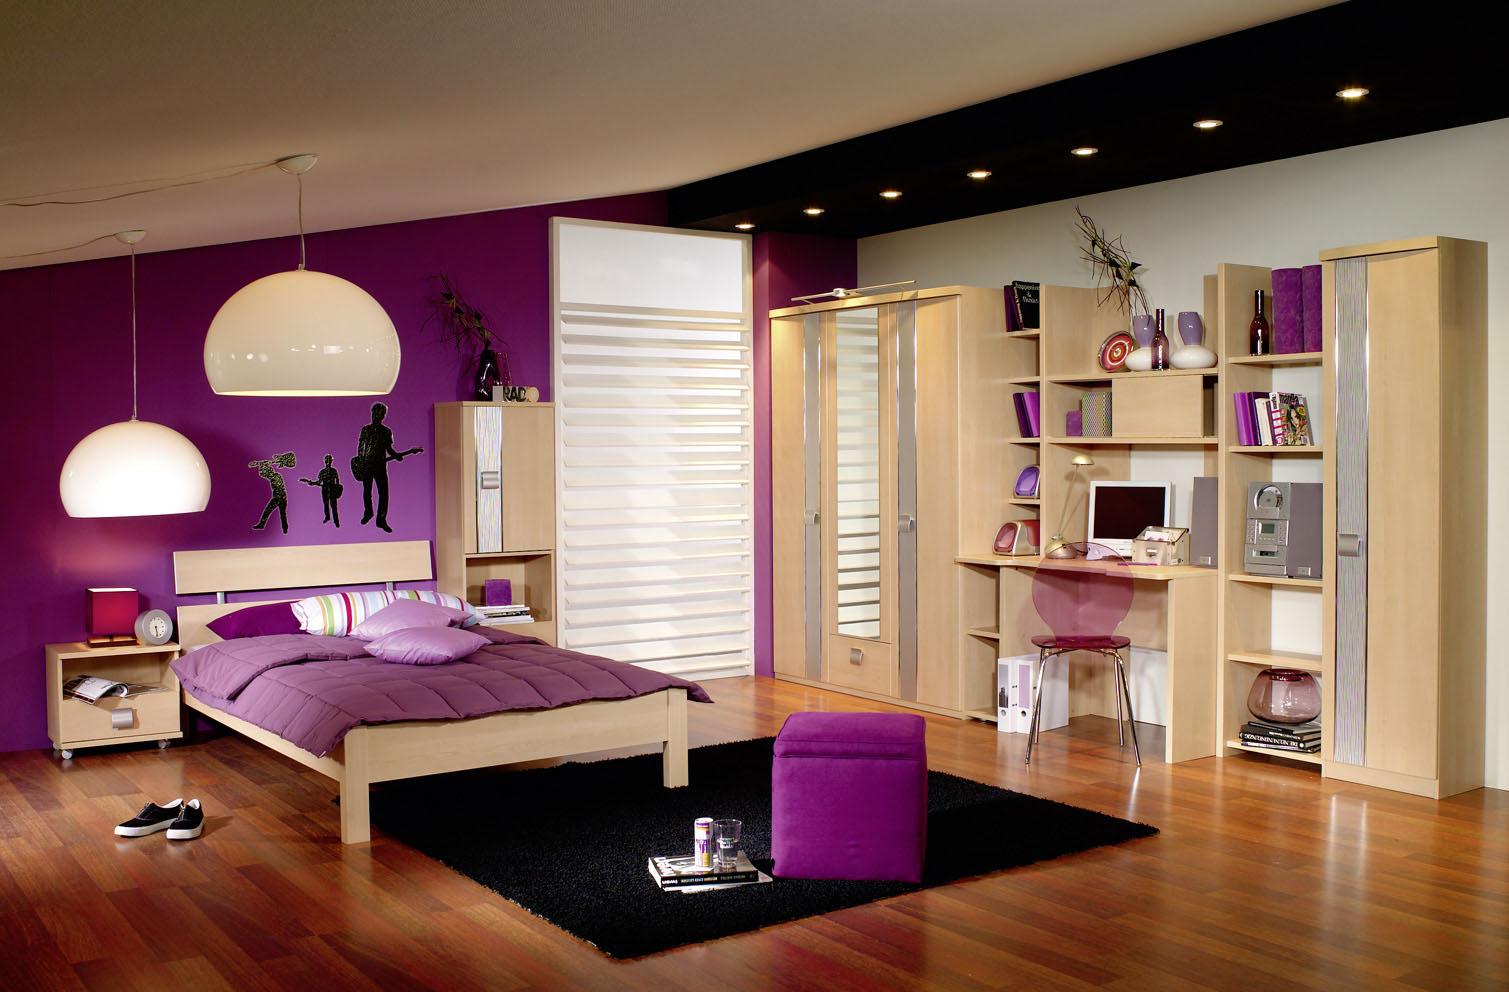 Dormitorio para adolescente color lila dormitorios con - Decoracion de paredes de dormitorios ...